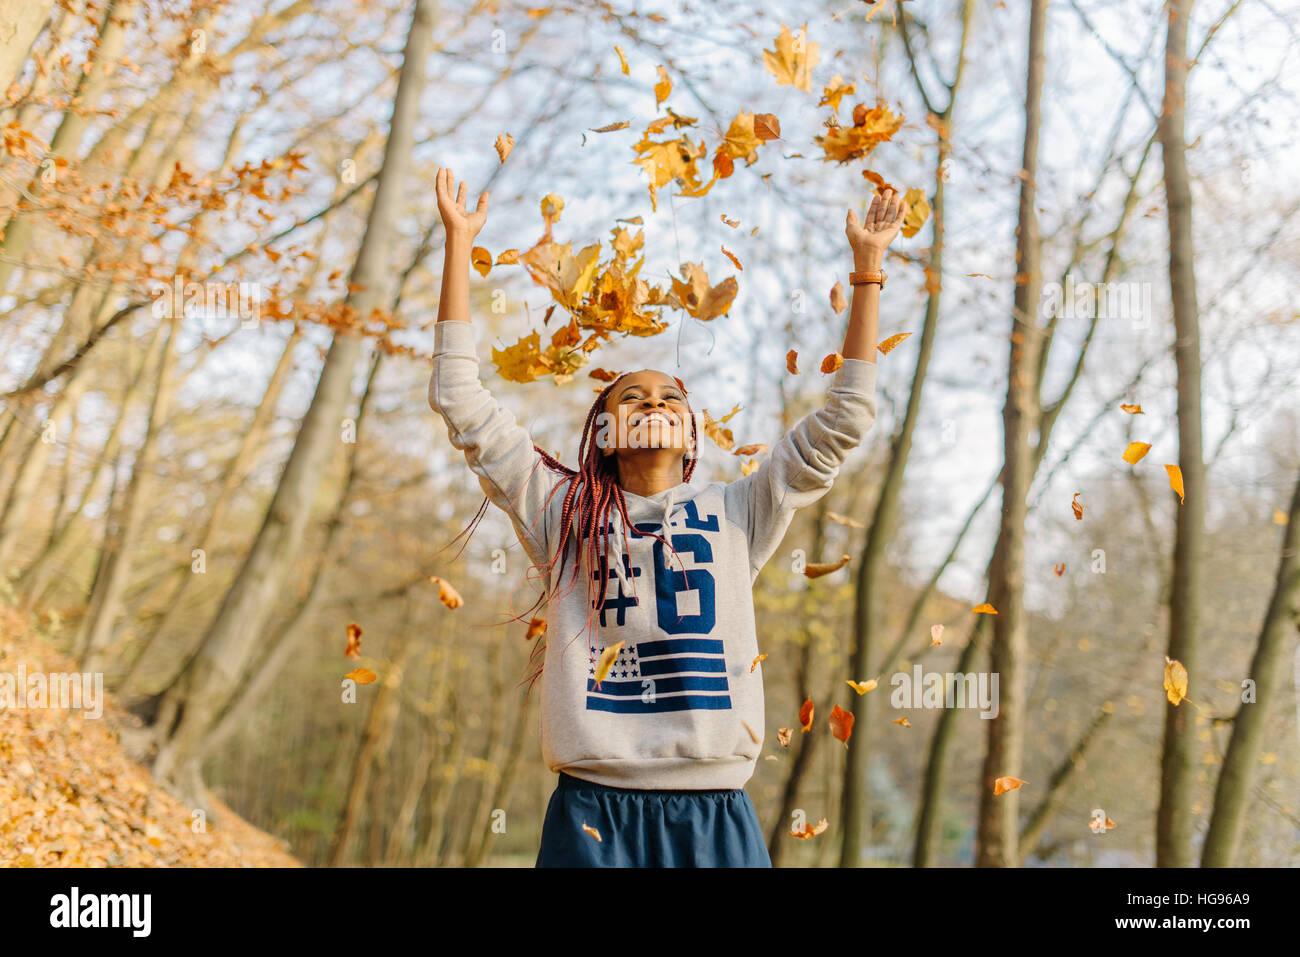 Ragazza africana giocando con il mazzo di foglie, godendo di giorno di autunno caldo nel parco. Divertirsi in autunno Immagini Stock